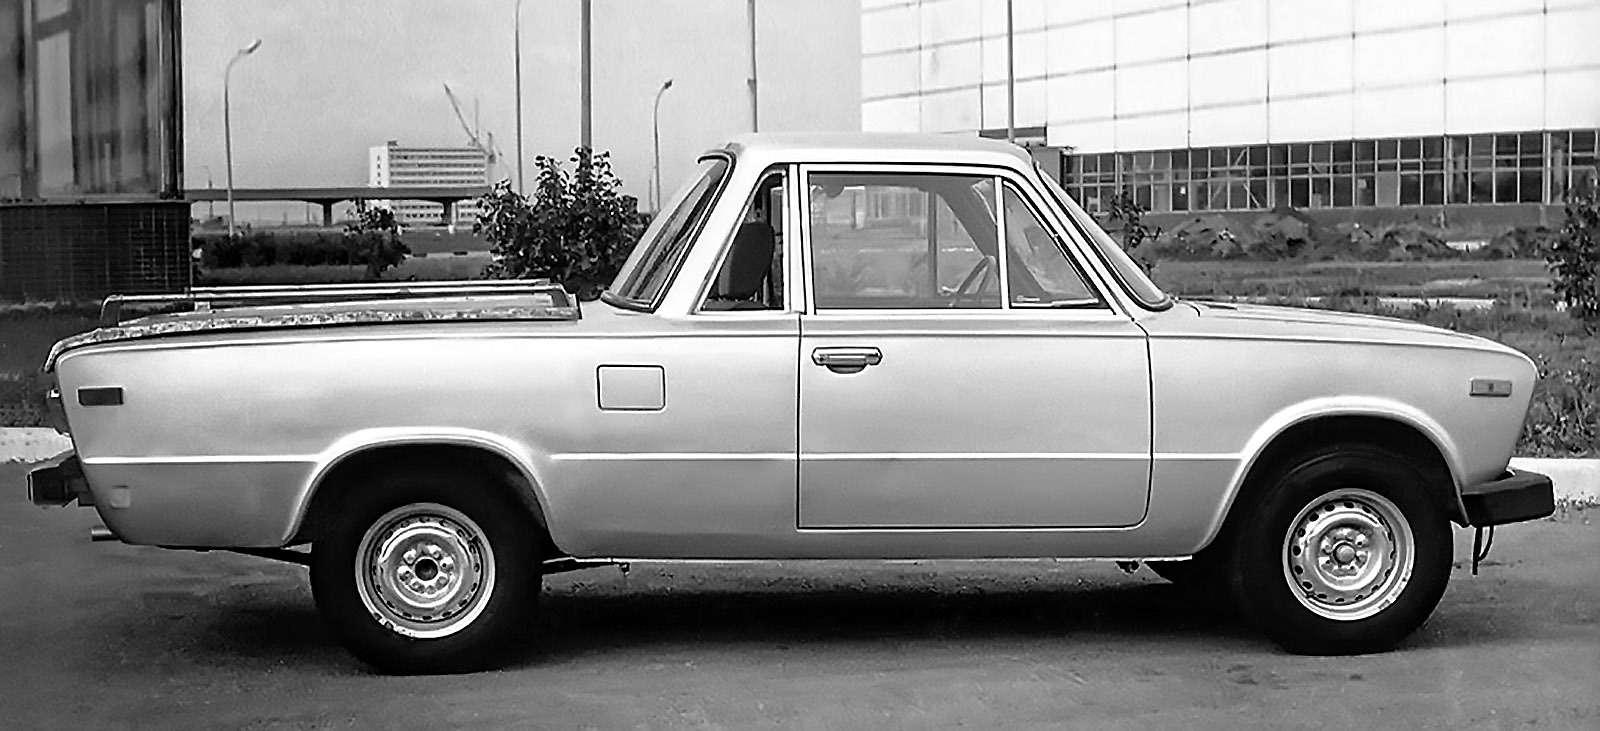 Самые необычные советские автомобили. Топ-12— фото 631385